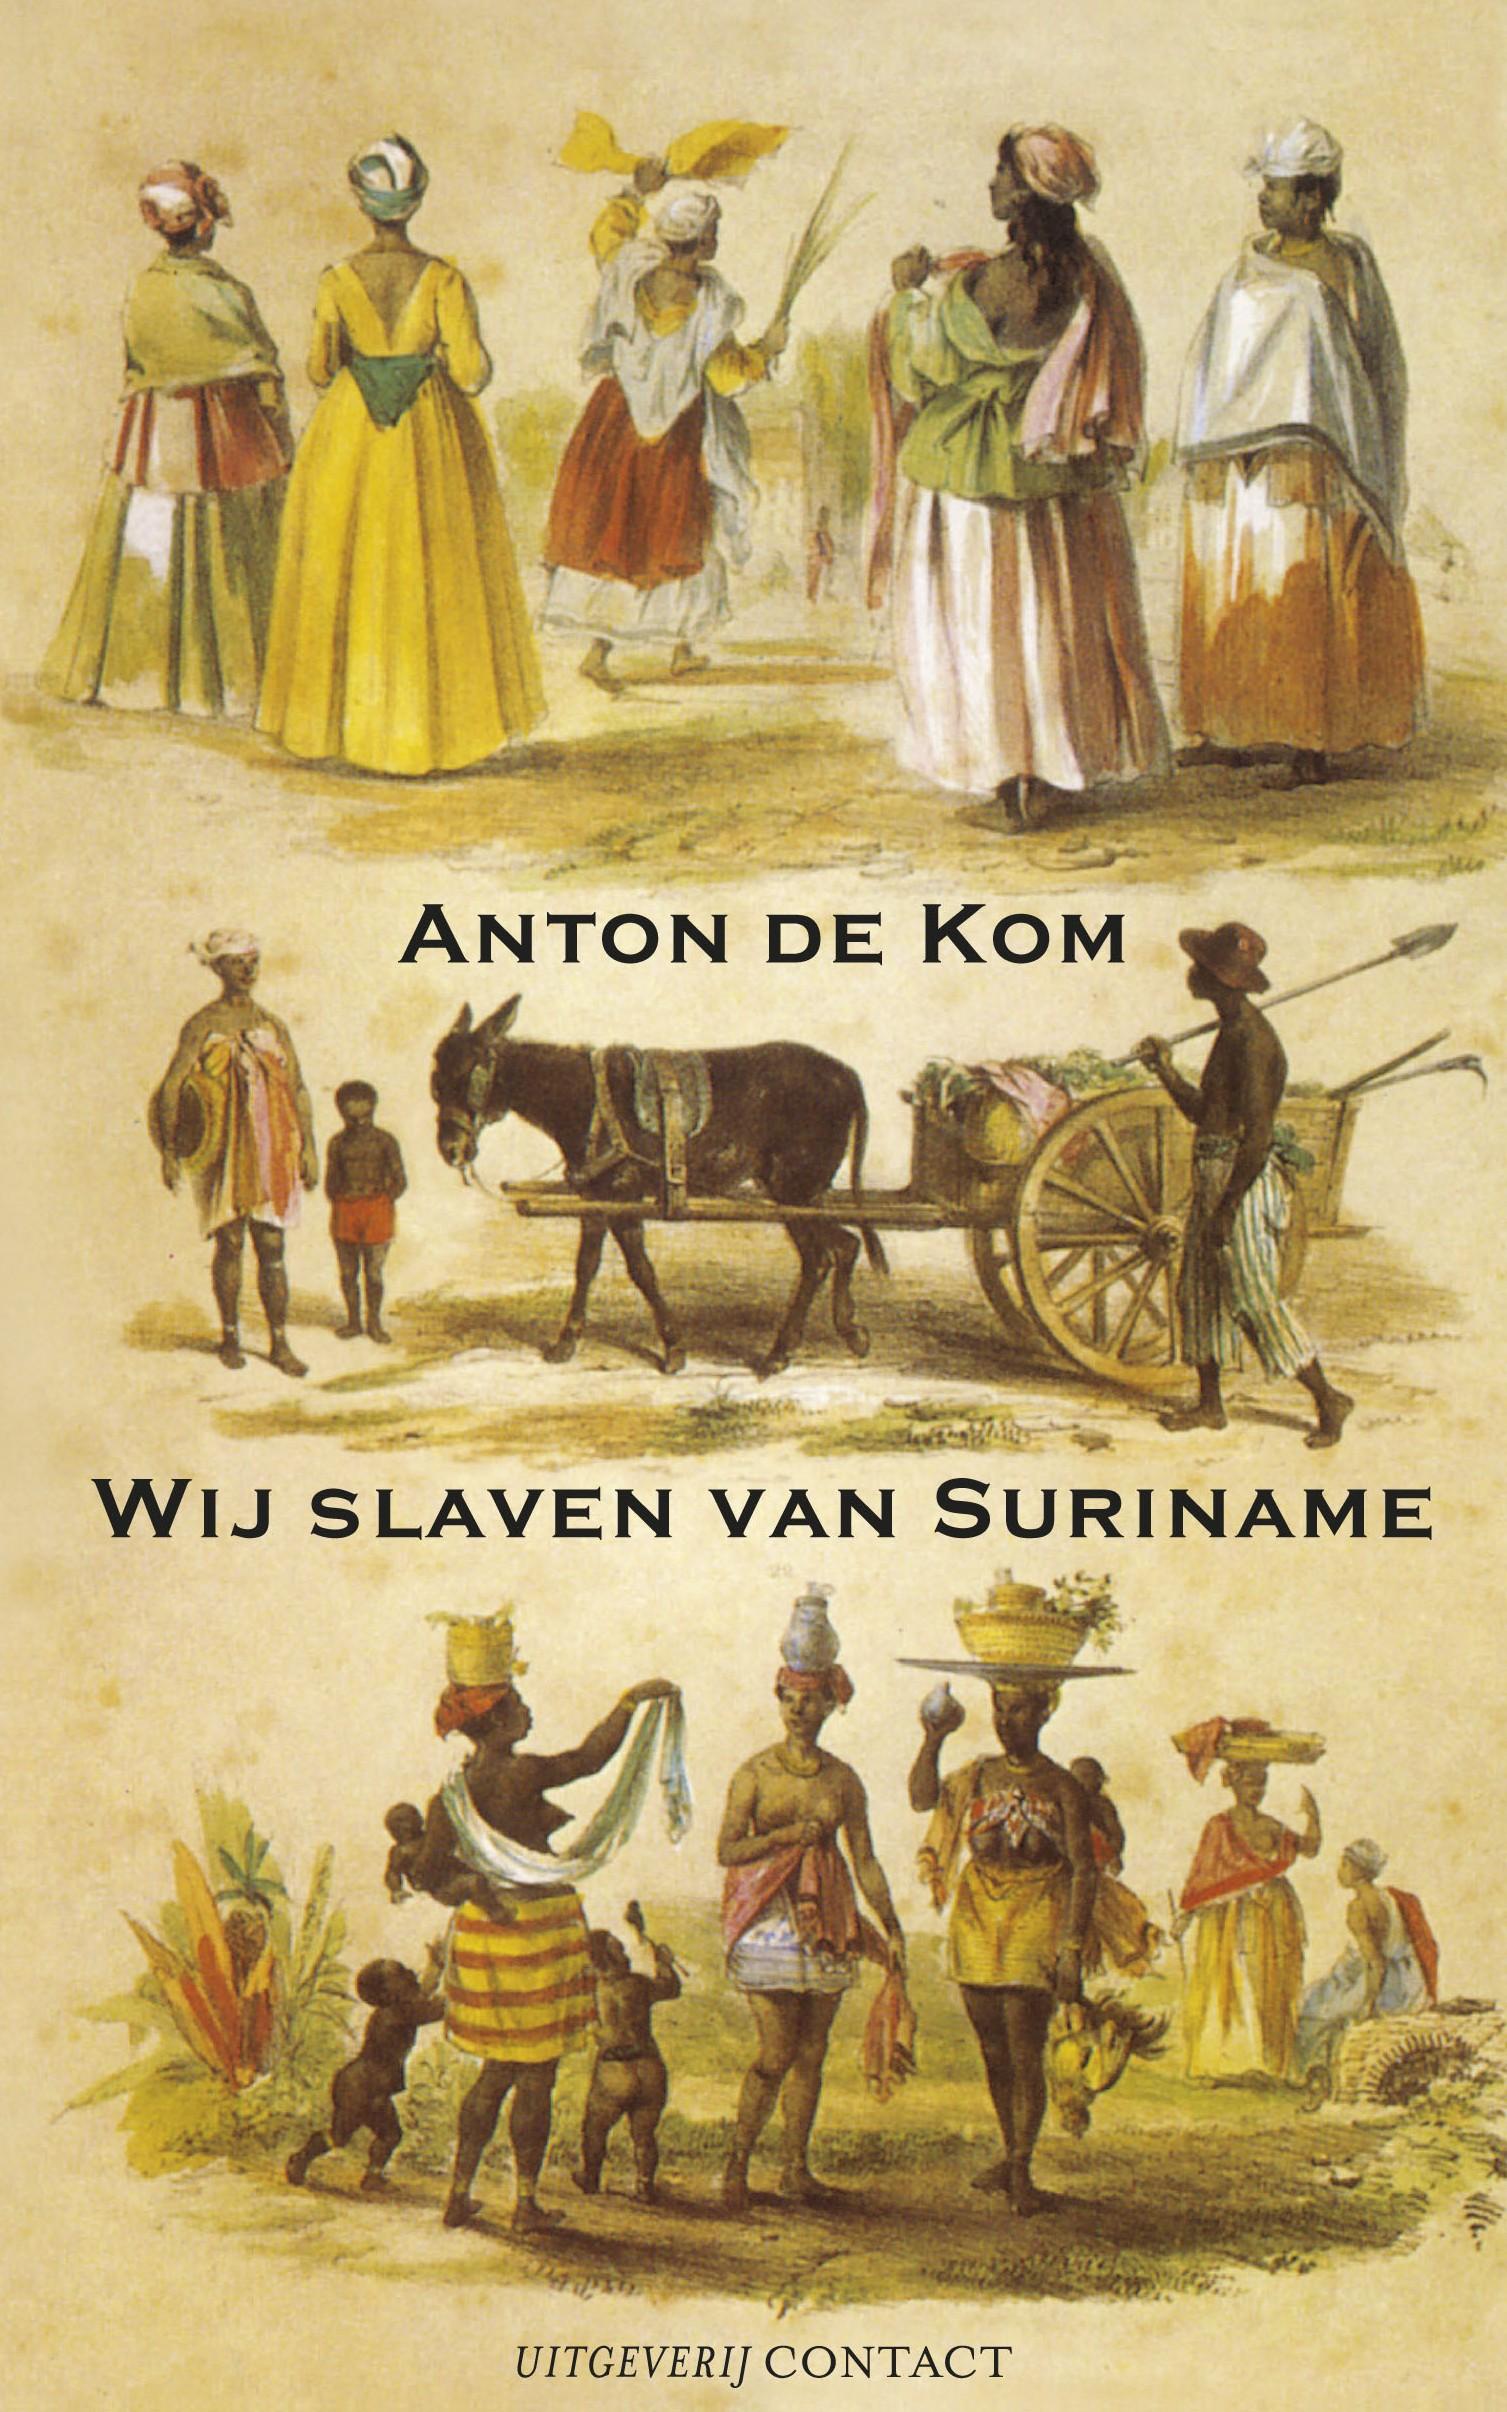 De omslag van de 12e druk van Wij Slaven van Suriname, Amsterdam 2009. Uitgeverij Contact